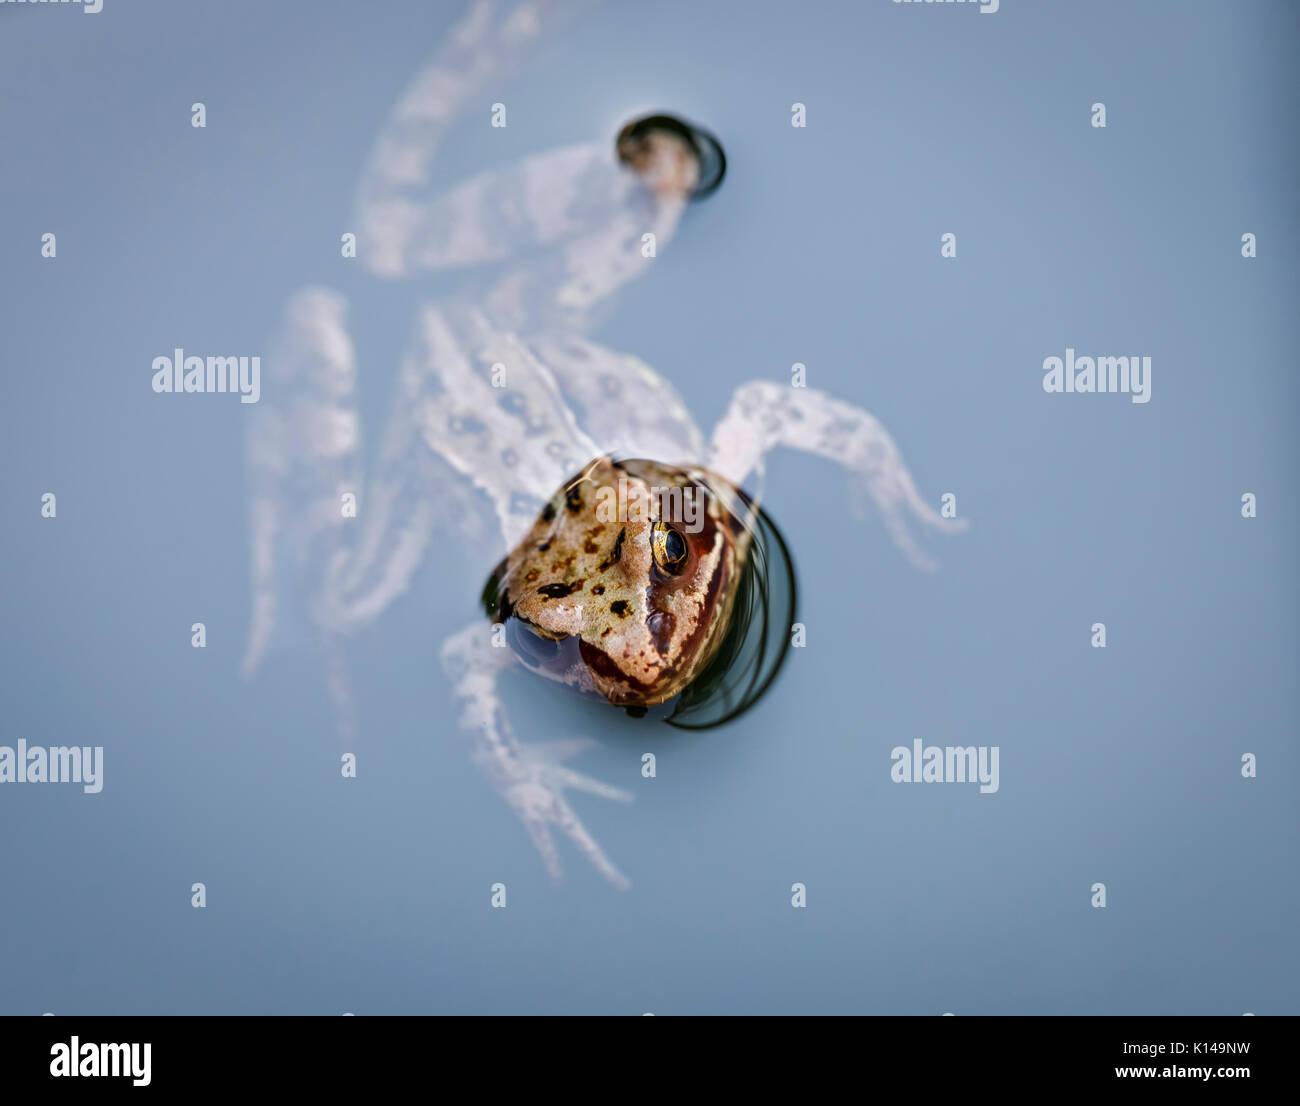 Tête d'un brun commun européen, la grenouille Rana temporaria, natation dans l'eau, Surrey, au sud-est de l'Angleterre, Royaume-Uni, close-up Photo Stock